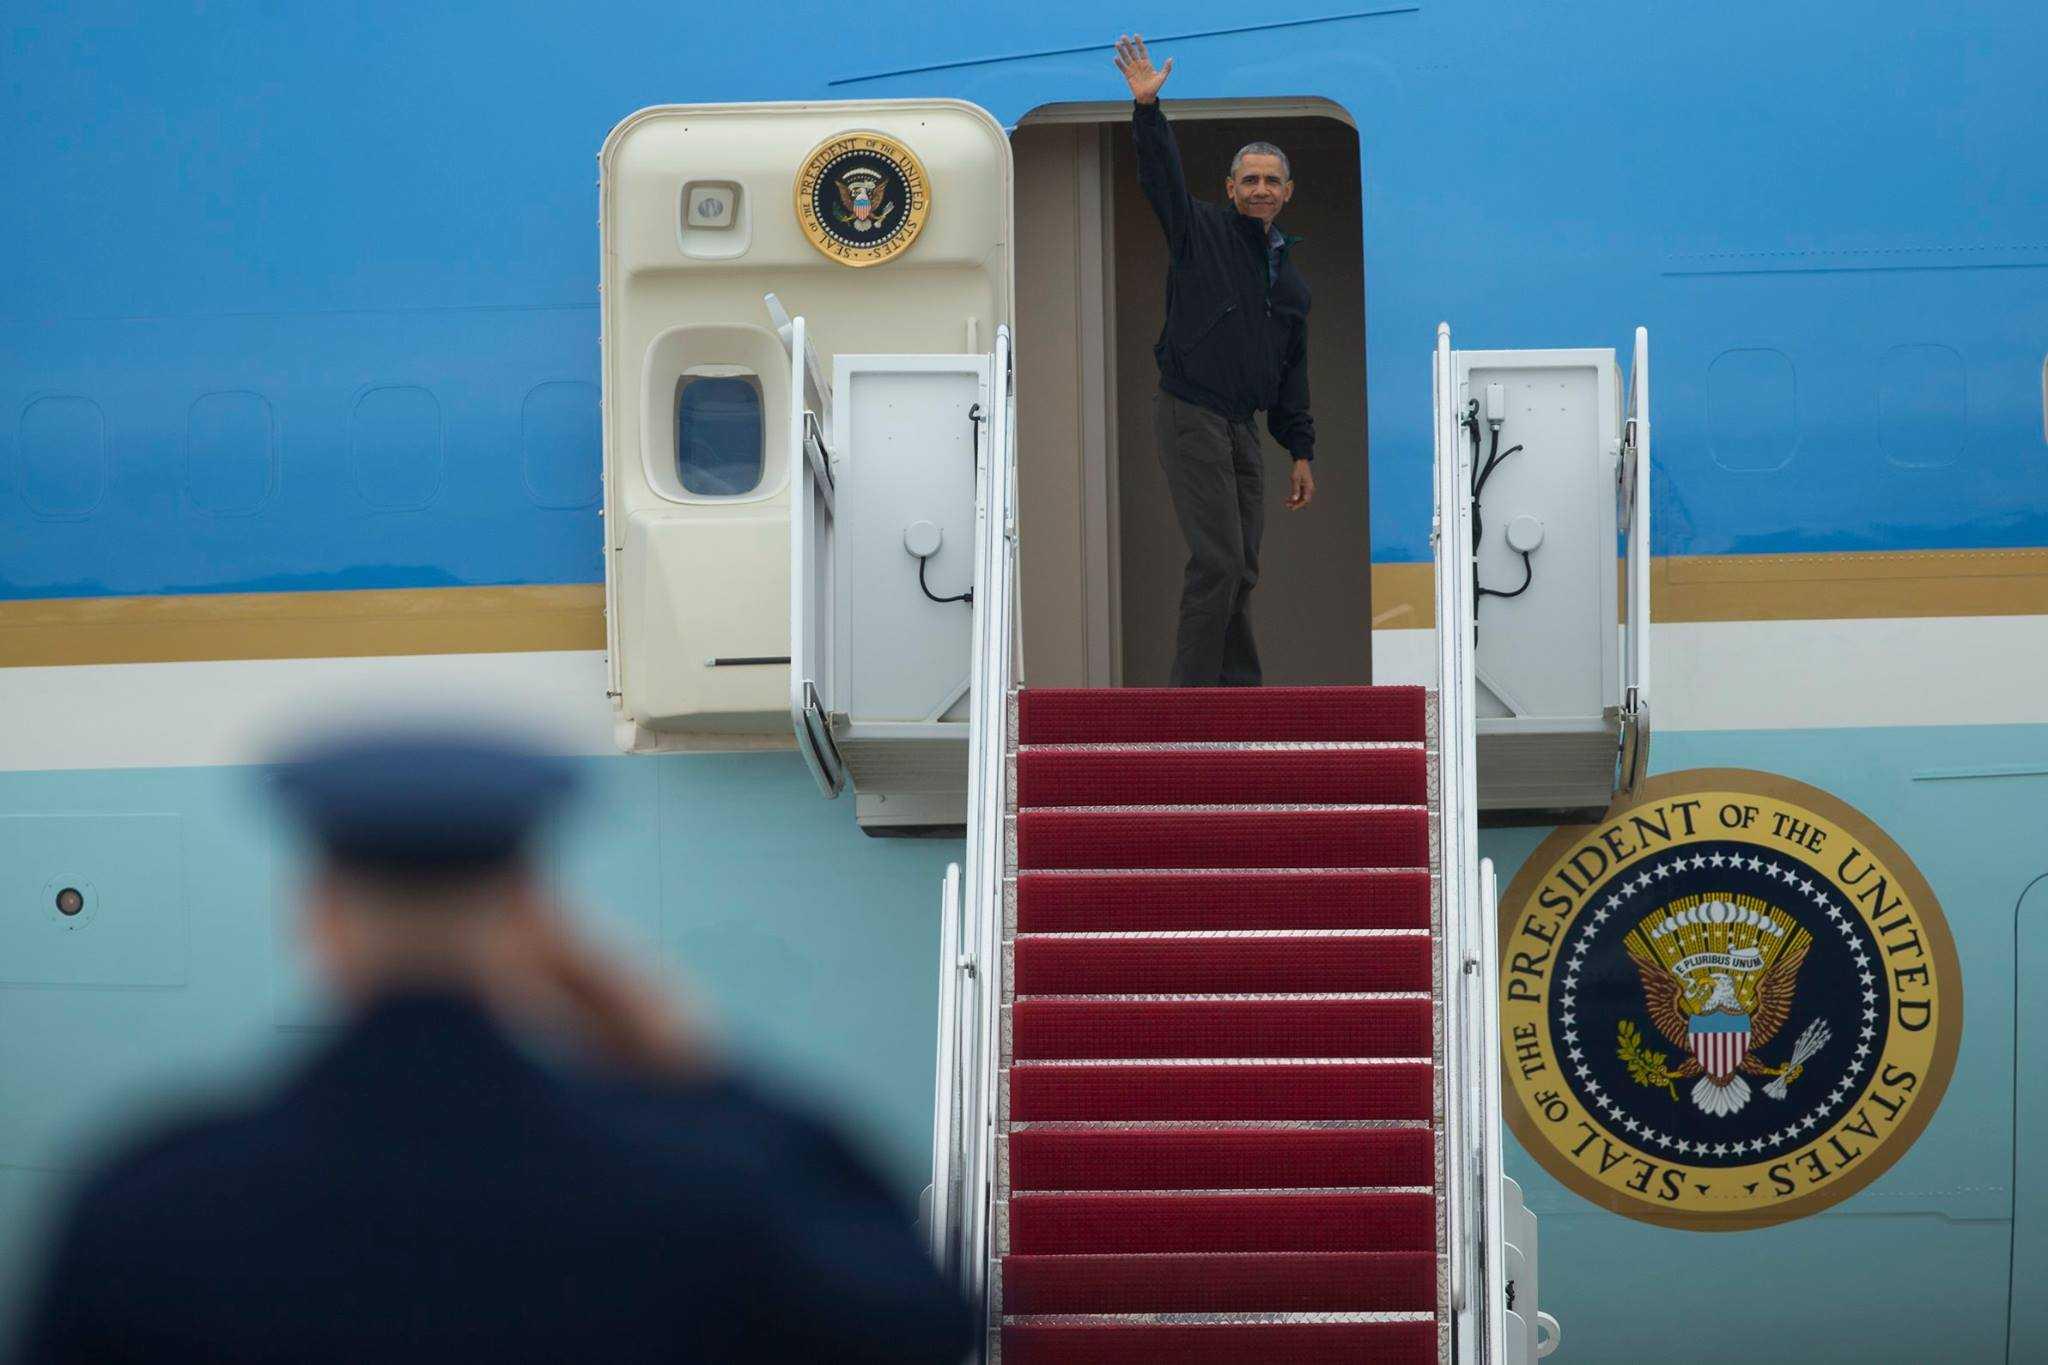 Tổng thống Barack Obama vẫy tay khi bước lên chuyên cơ Air Force One hôm 21/5 tại Căn cứ Không quân Andrews ở tiểu bang Maryland trước khi lên đường sang Việt Nam